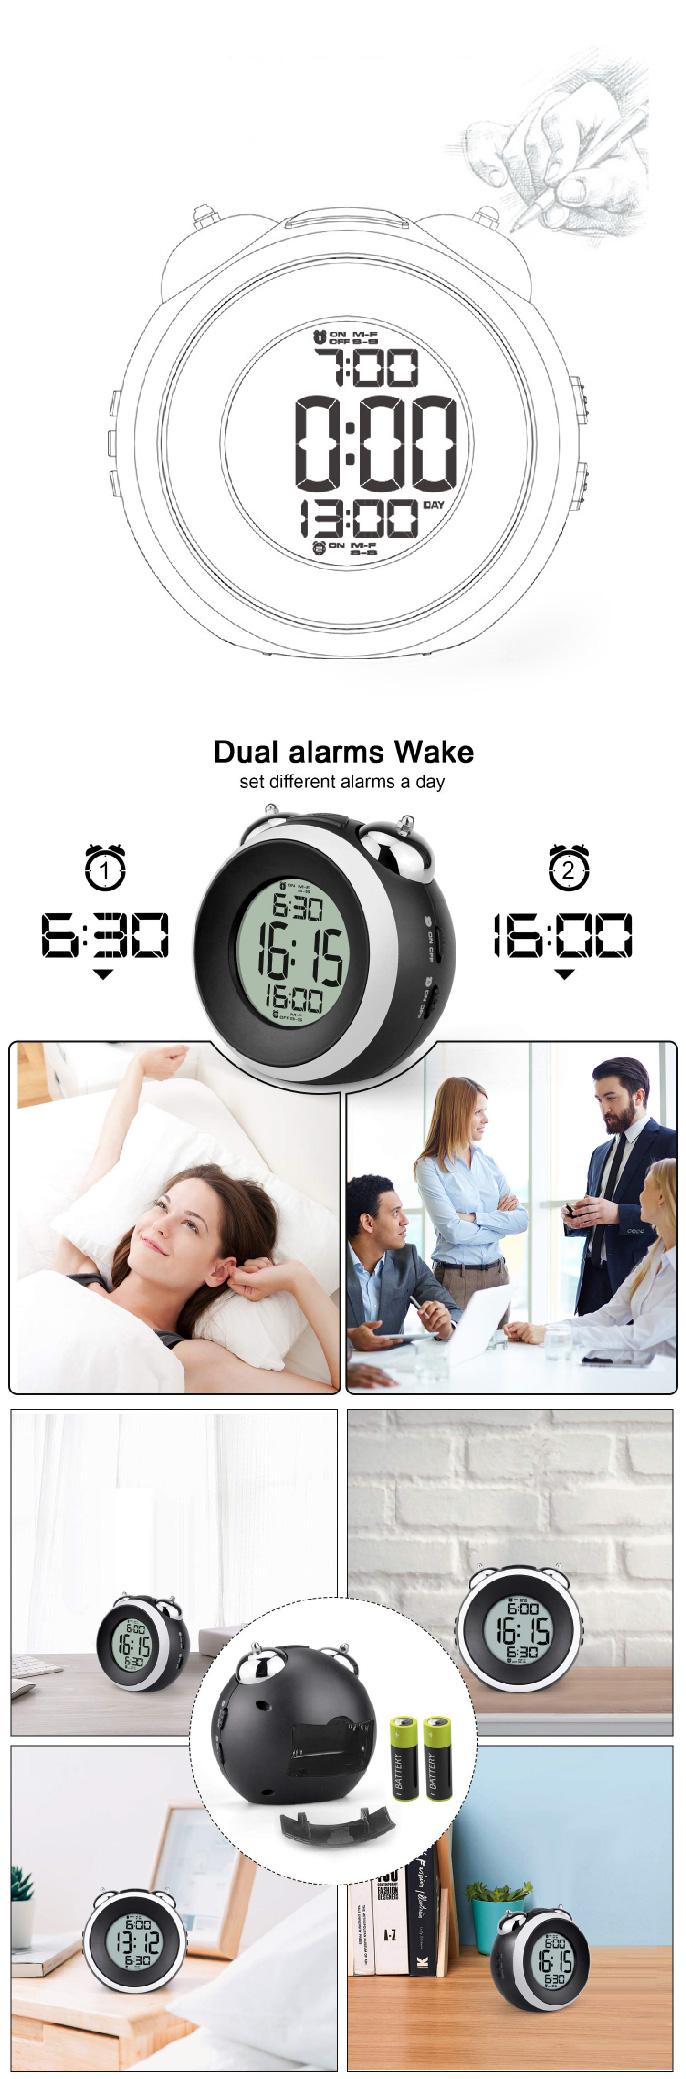 อิเล็กทรอนิกส์กระดิ่งโลหะจอแสดงผล LCD เลื่อนหลัก Wake up กลับโคมไฟตั้งโต๊ะ Dual นาฬิกาปลุกดิจิตอลนาฬิกาสำหรับโรงแรมเด็ก